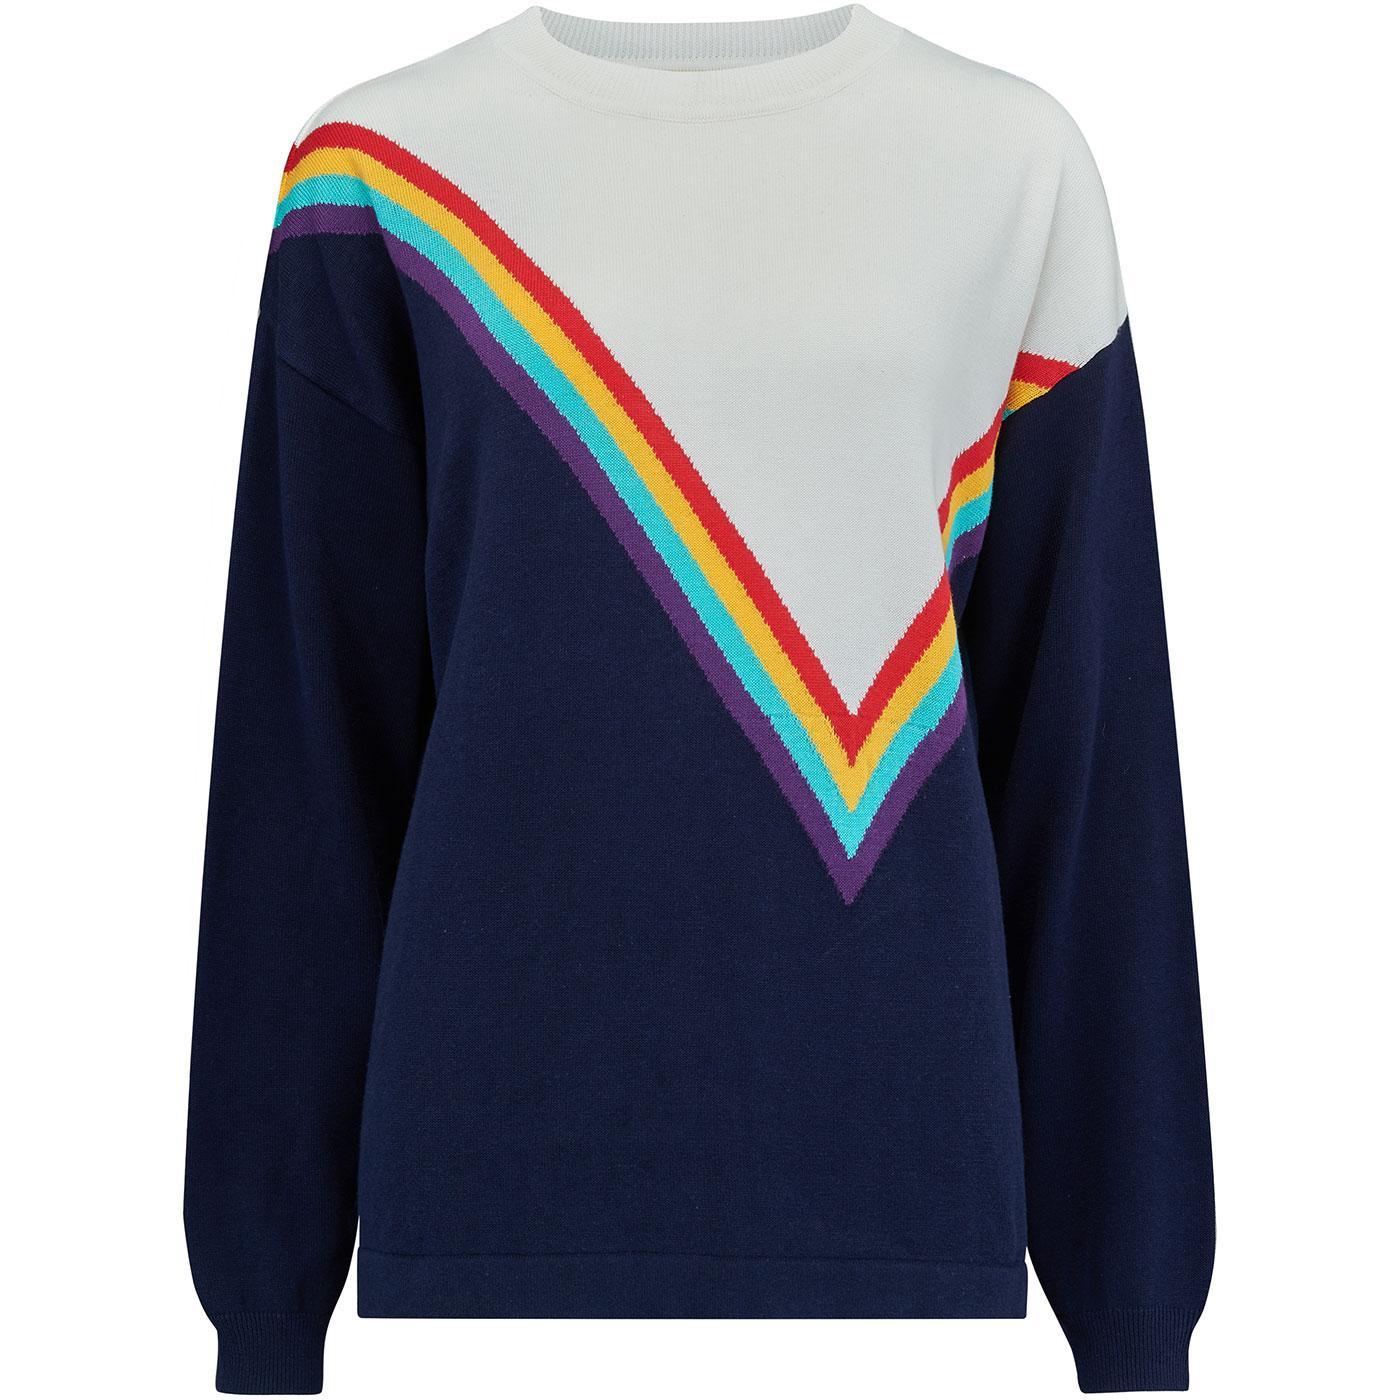 Maria SUGARHILL BRIGHTON Retro 70s Rainbow Jumper